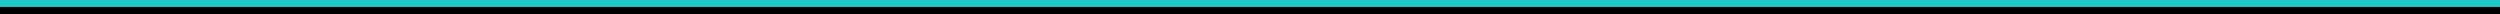 Black & Teal (teal up) for Website Skinny.jpg